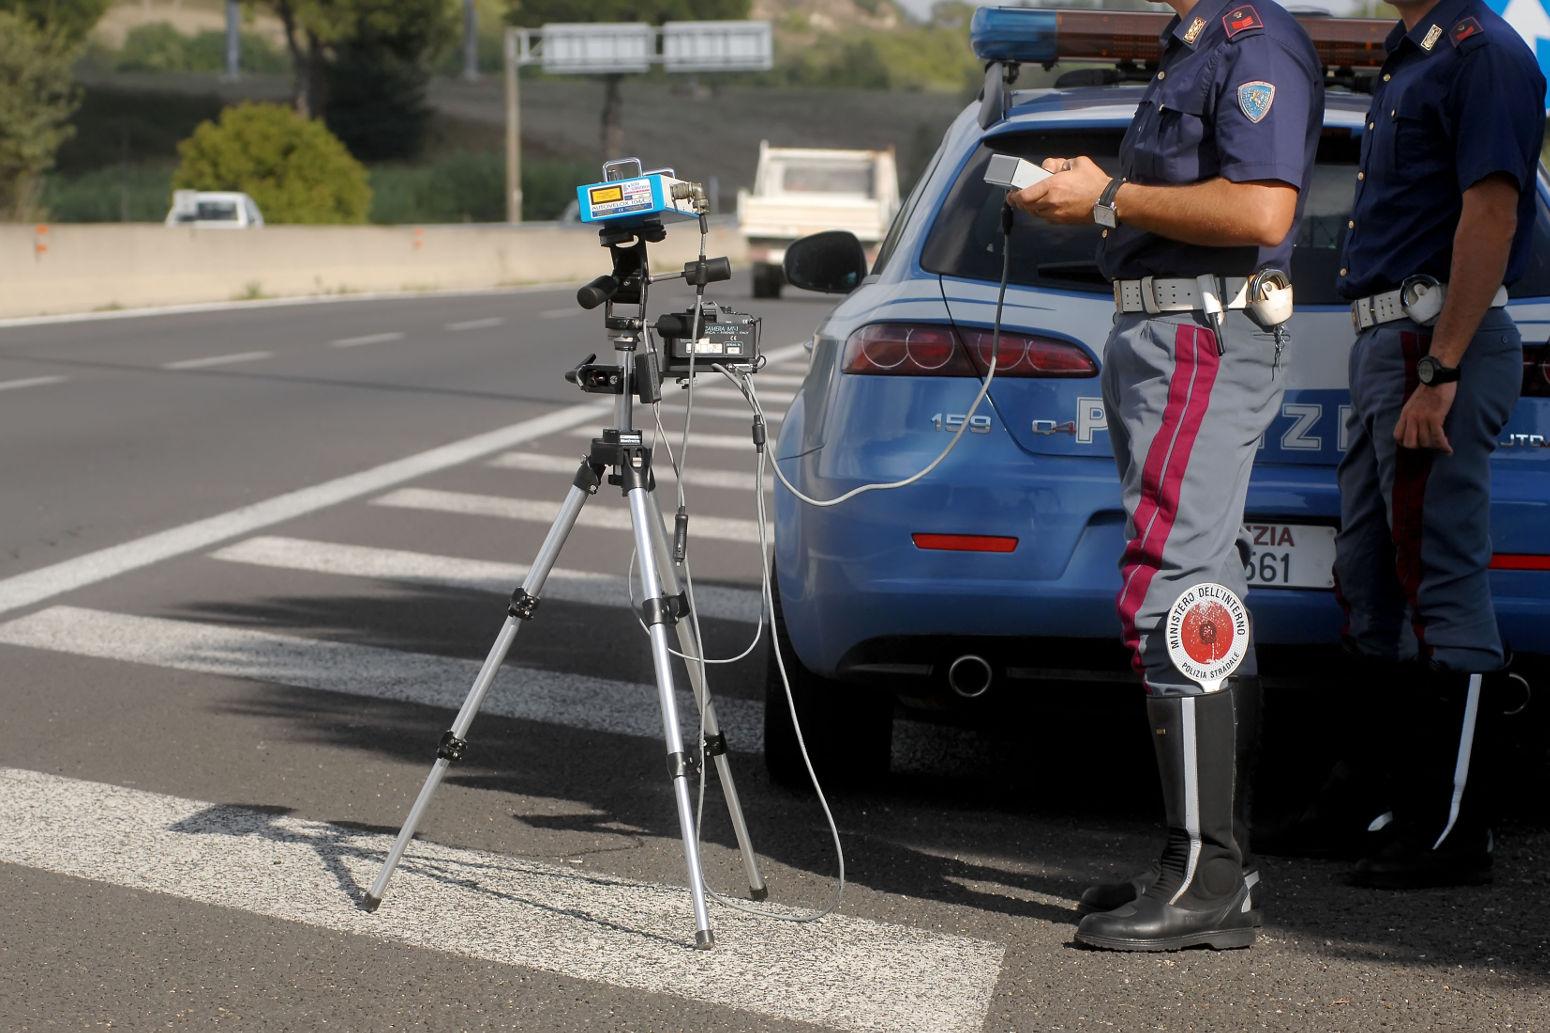 Posizionamento apparecchiatura di rilevamento infrazioni semaforiche (periodo ottobre 2017 – gennaio 2018)